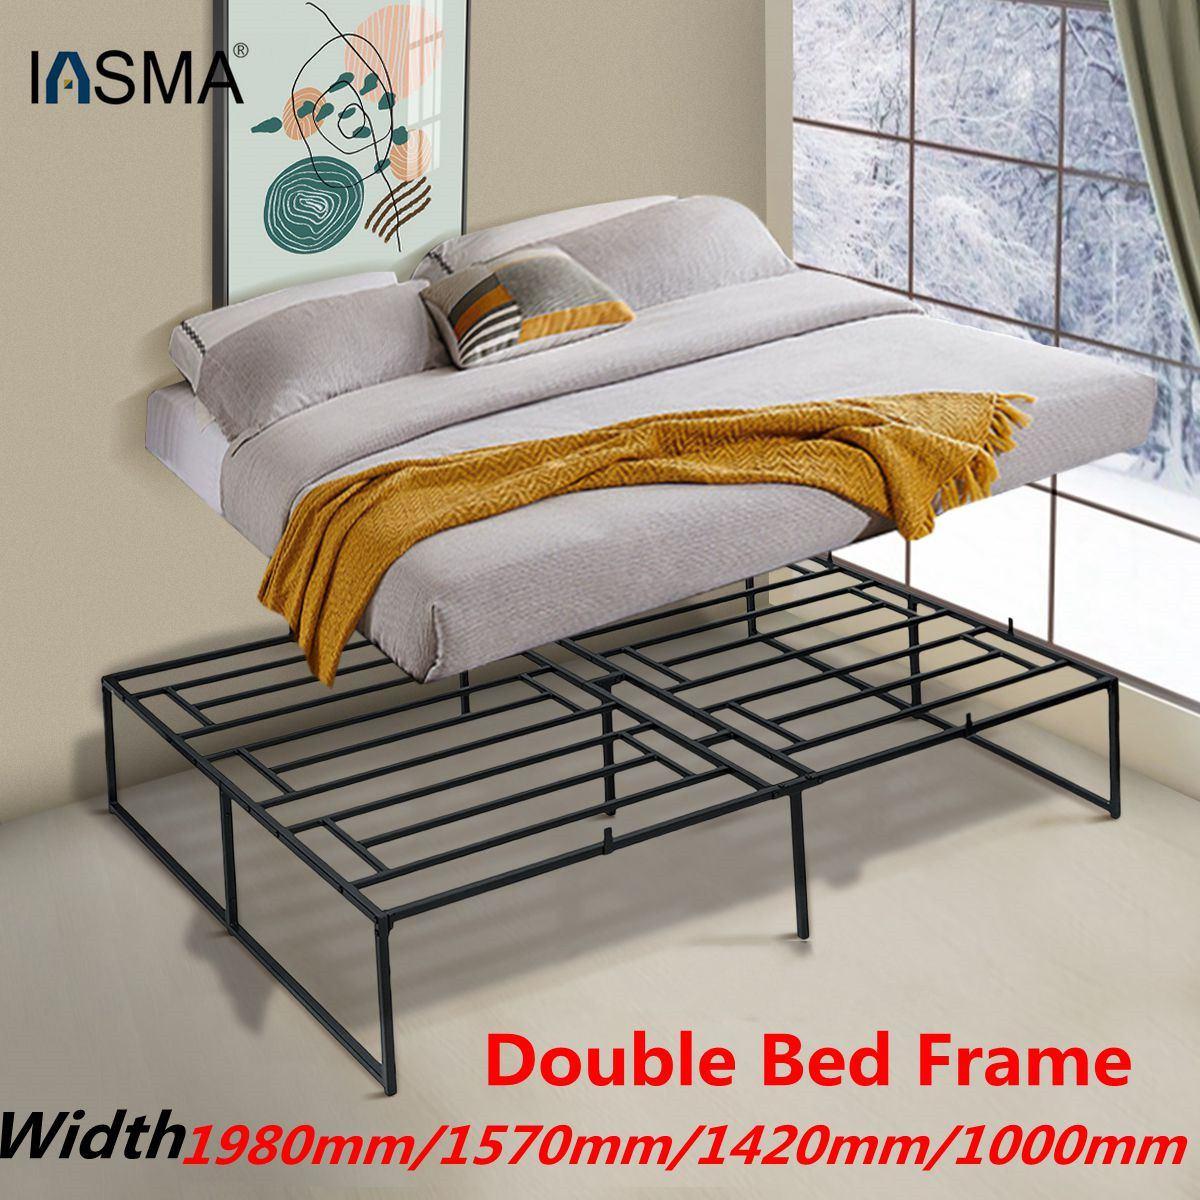 سرير مزدوج للأطفال والكبار ، إطار معدني صلب 500/1.98/1.57/1m ، فاخر ، فن الحديد ، سرير مزدوج سميك على الطراز الاسكندنافي ، 1.42 كجم رطل